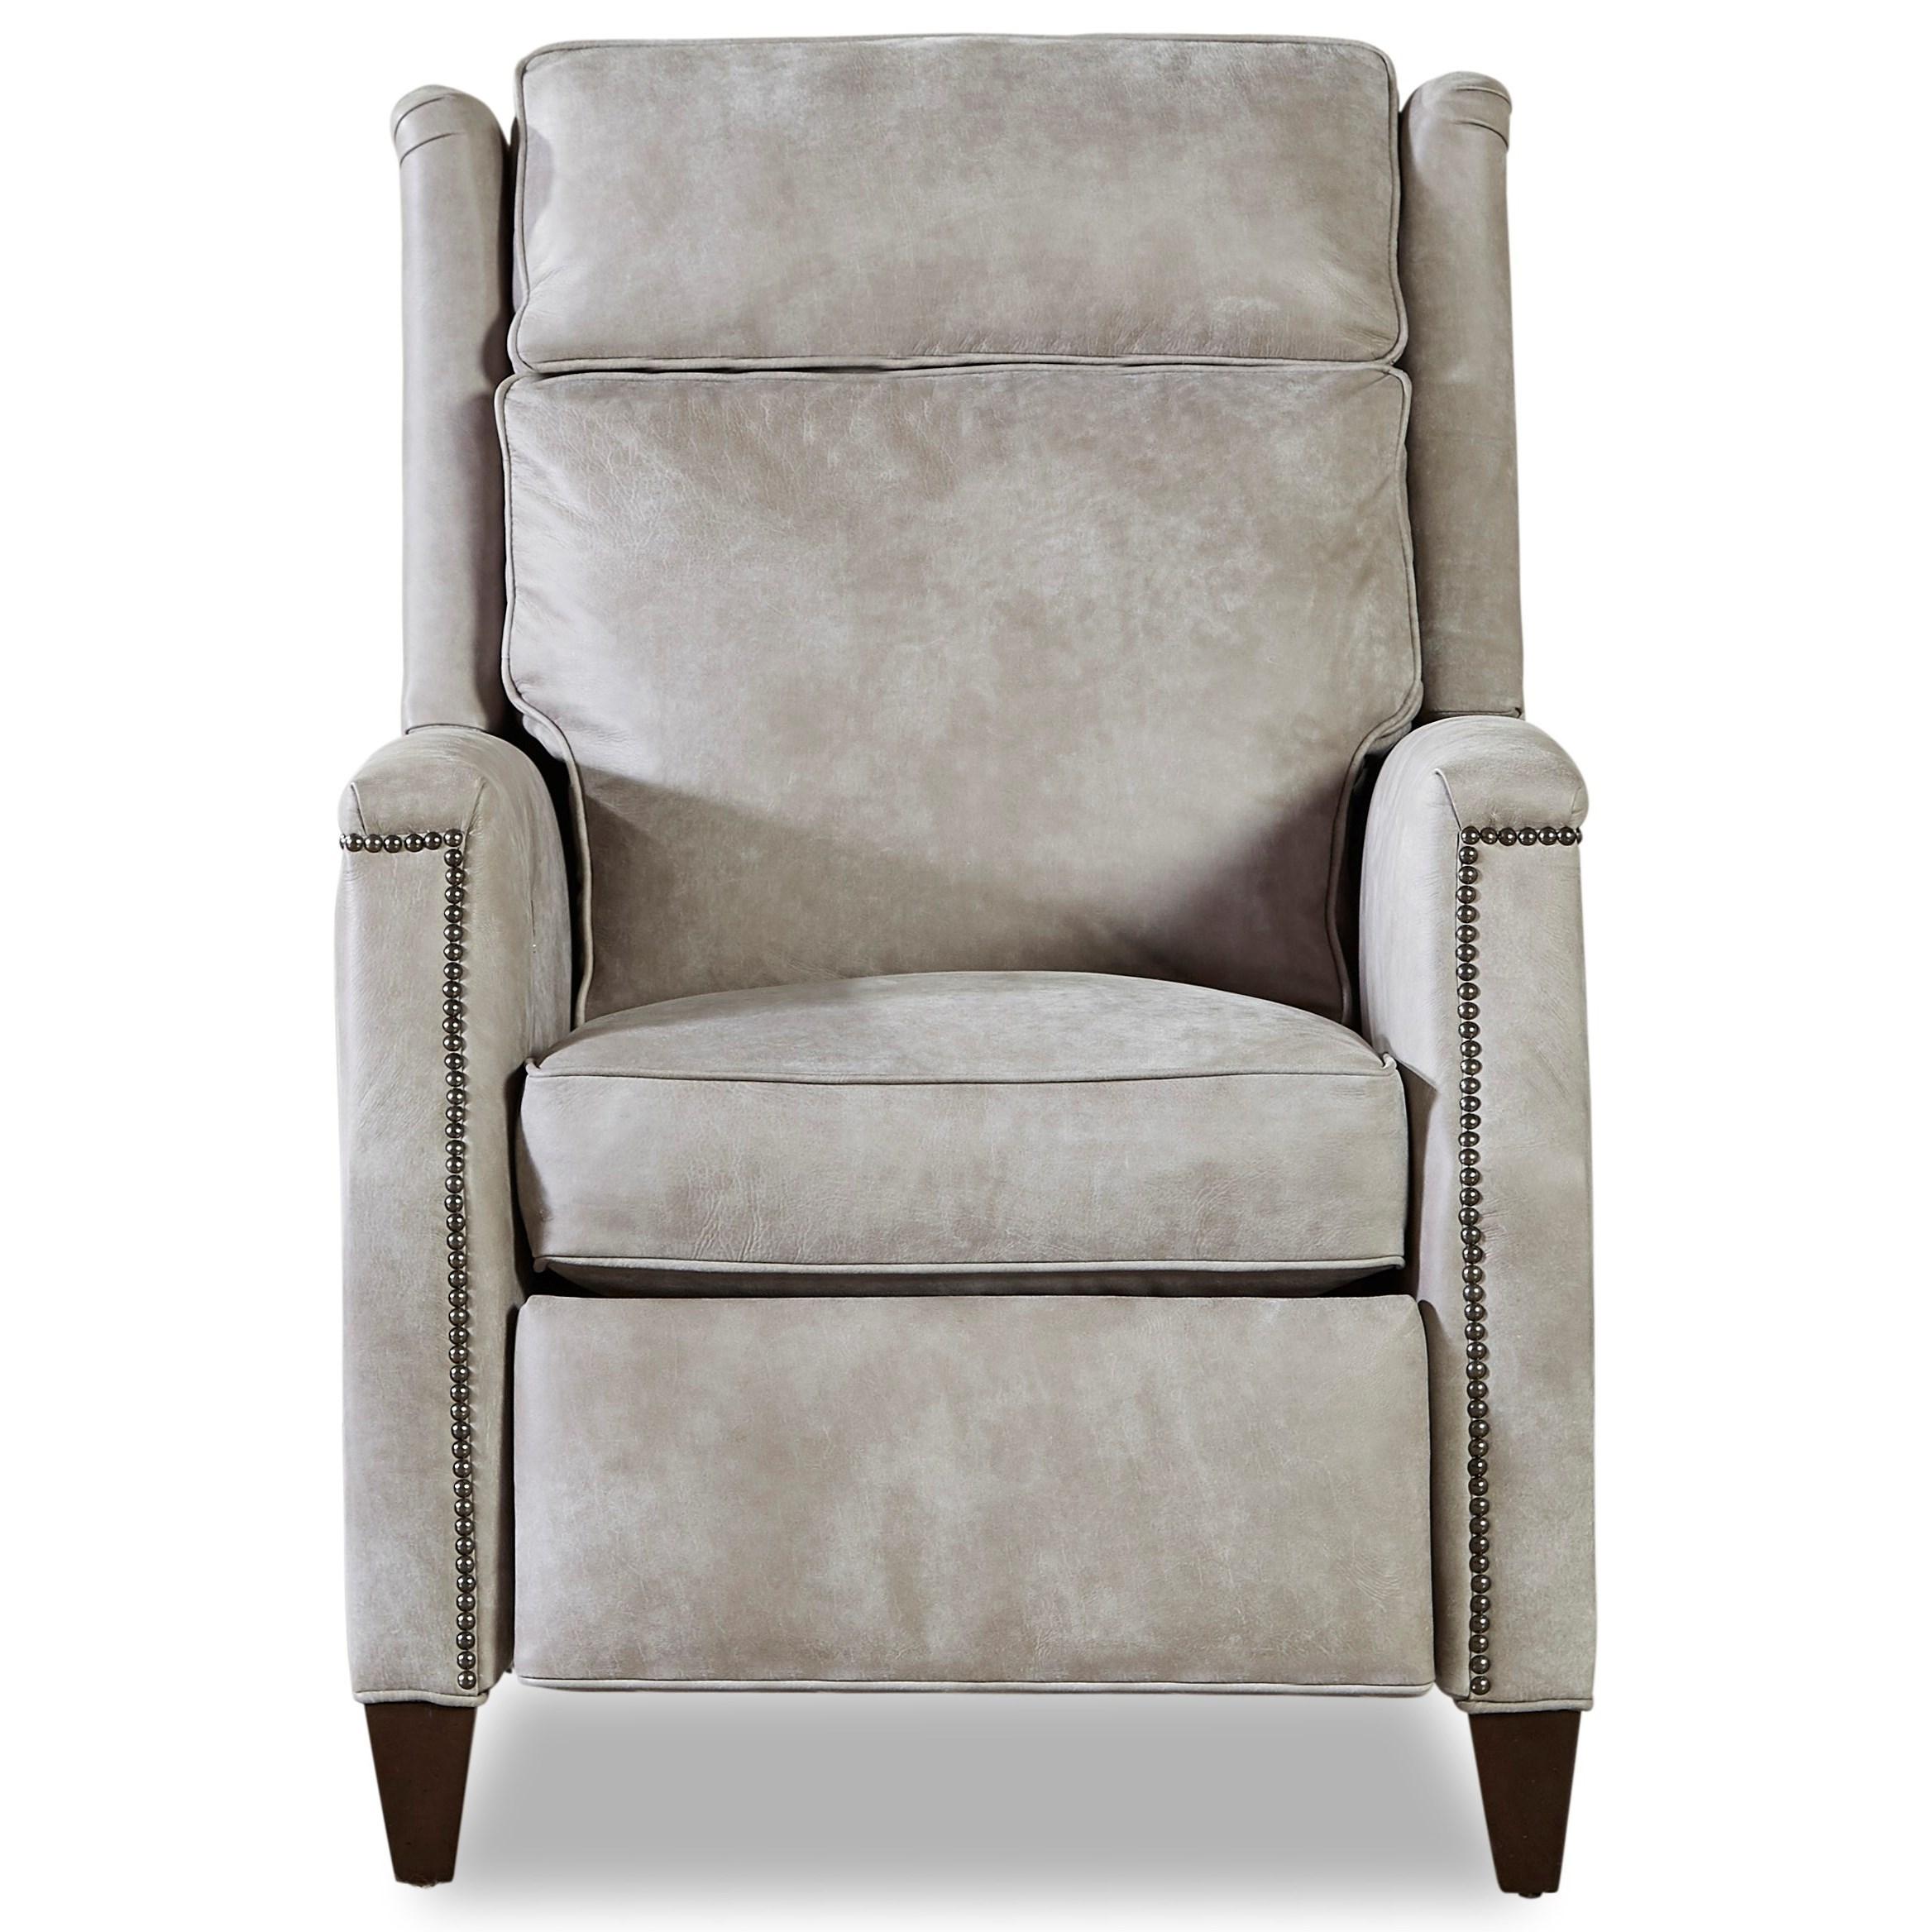 8123 Power High-Leg Recliner by Geoffrey Alexander at Sprintz Furniture